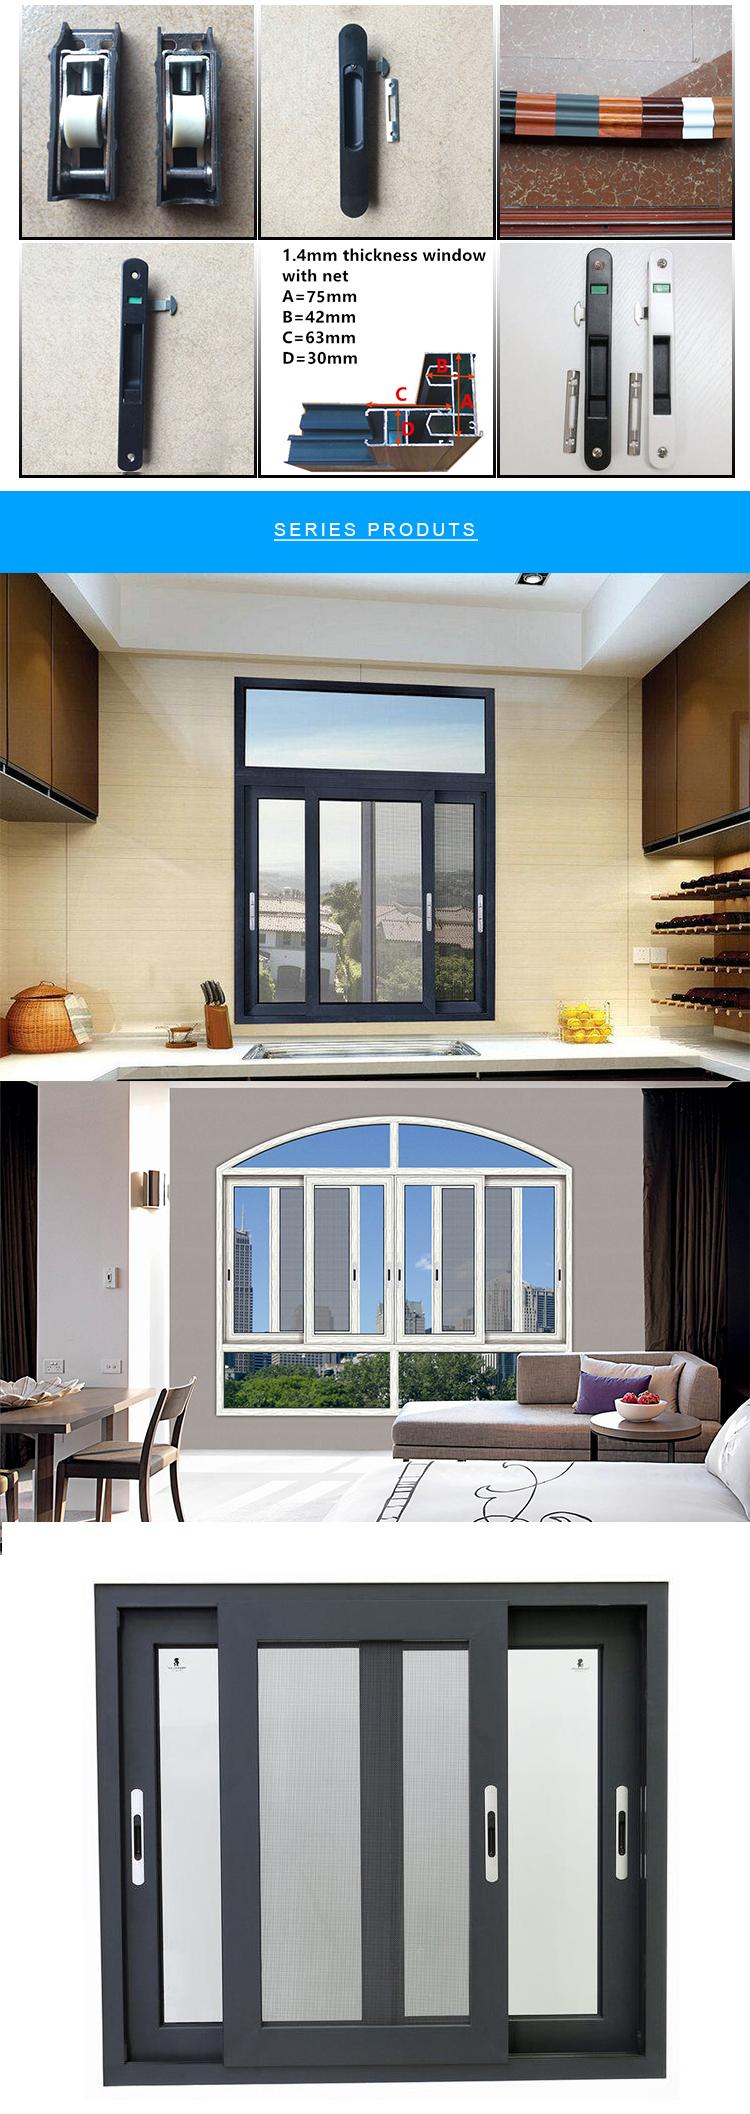 จีนผู้จัดจำหน่ายล่าสุดอลูมิเนียมเลื่อน windows สำหรับโรงแรมและวิลล่า